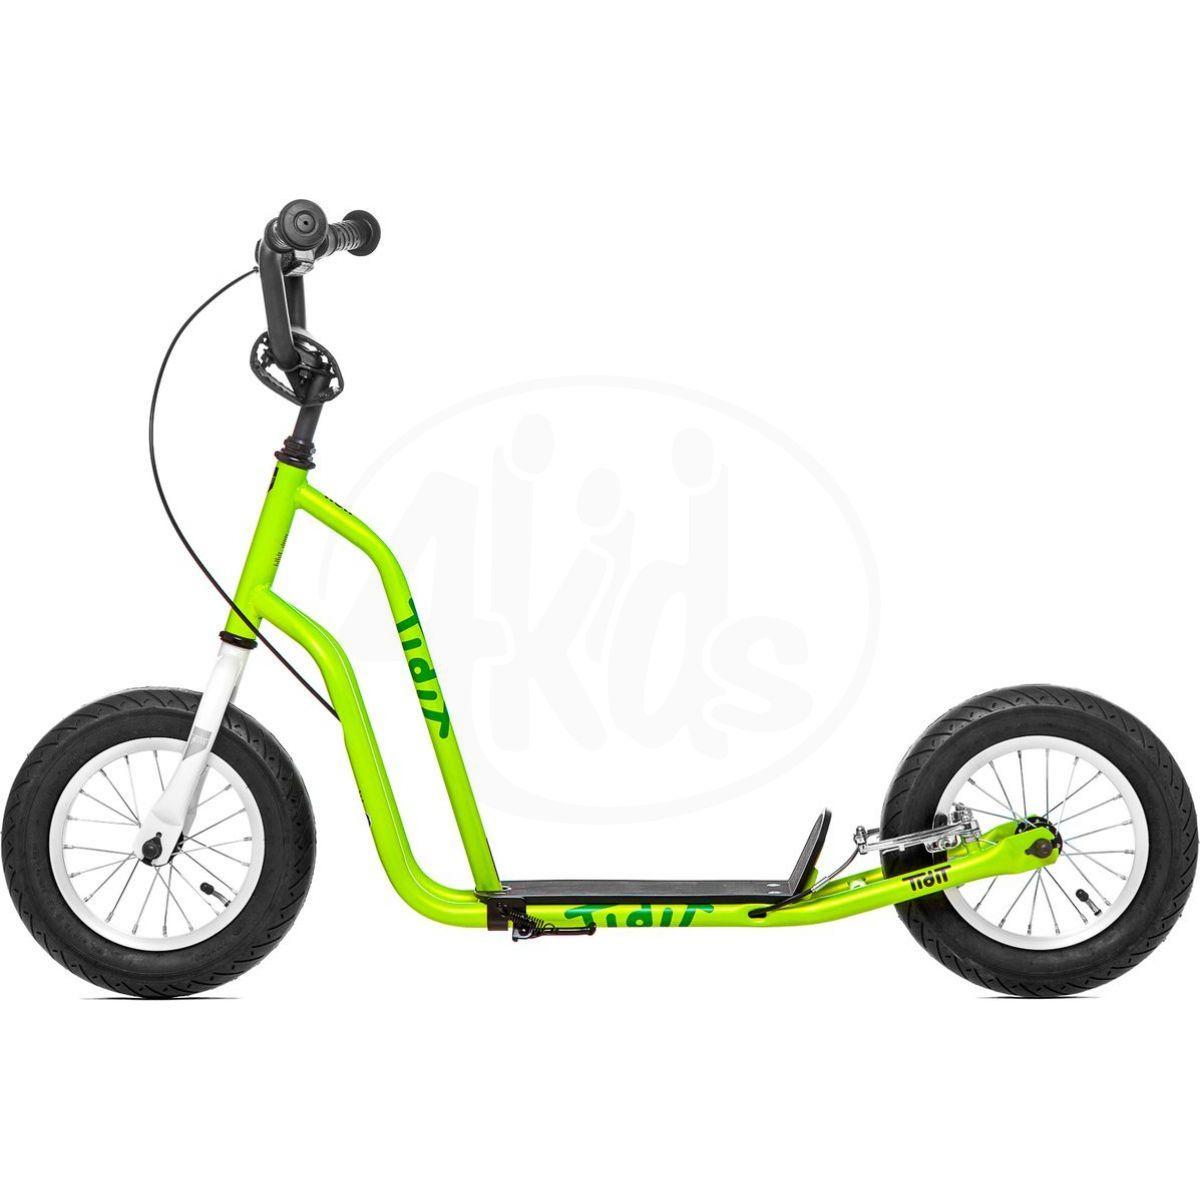 Yedoo 606101 - Koloběžka Yedoo Tidit green